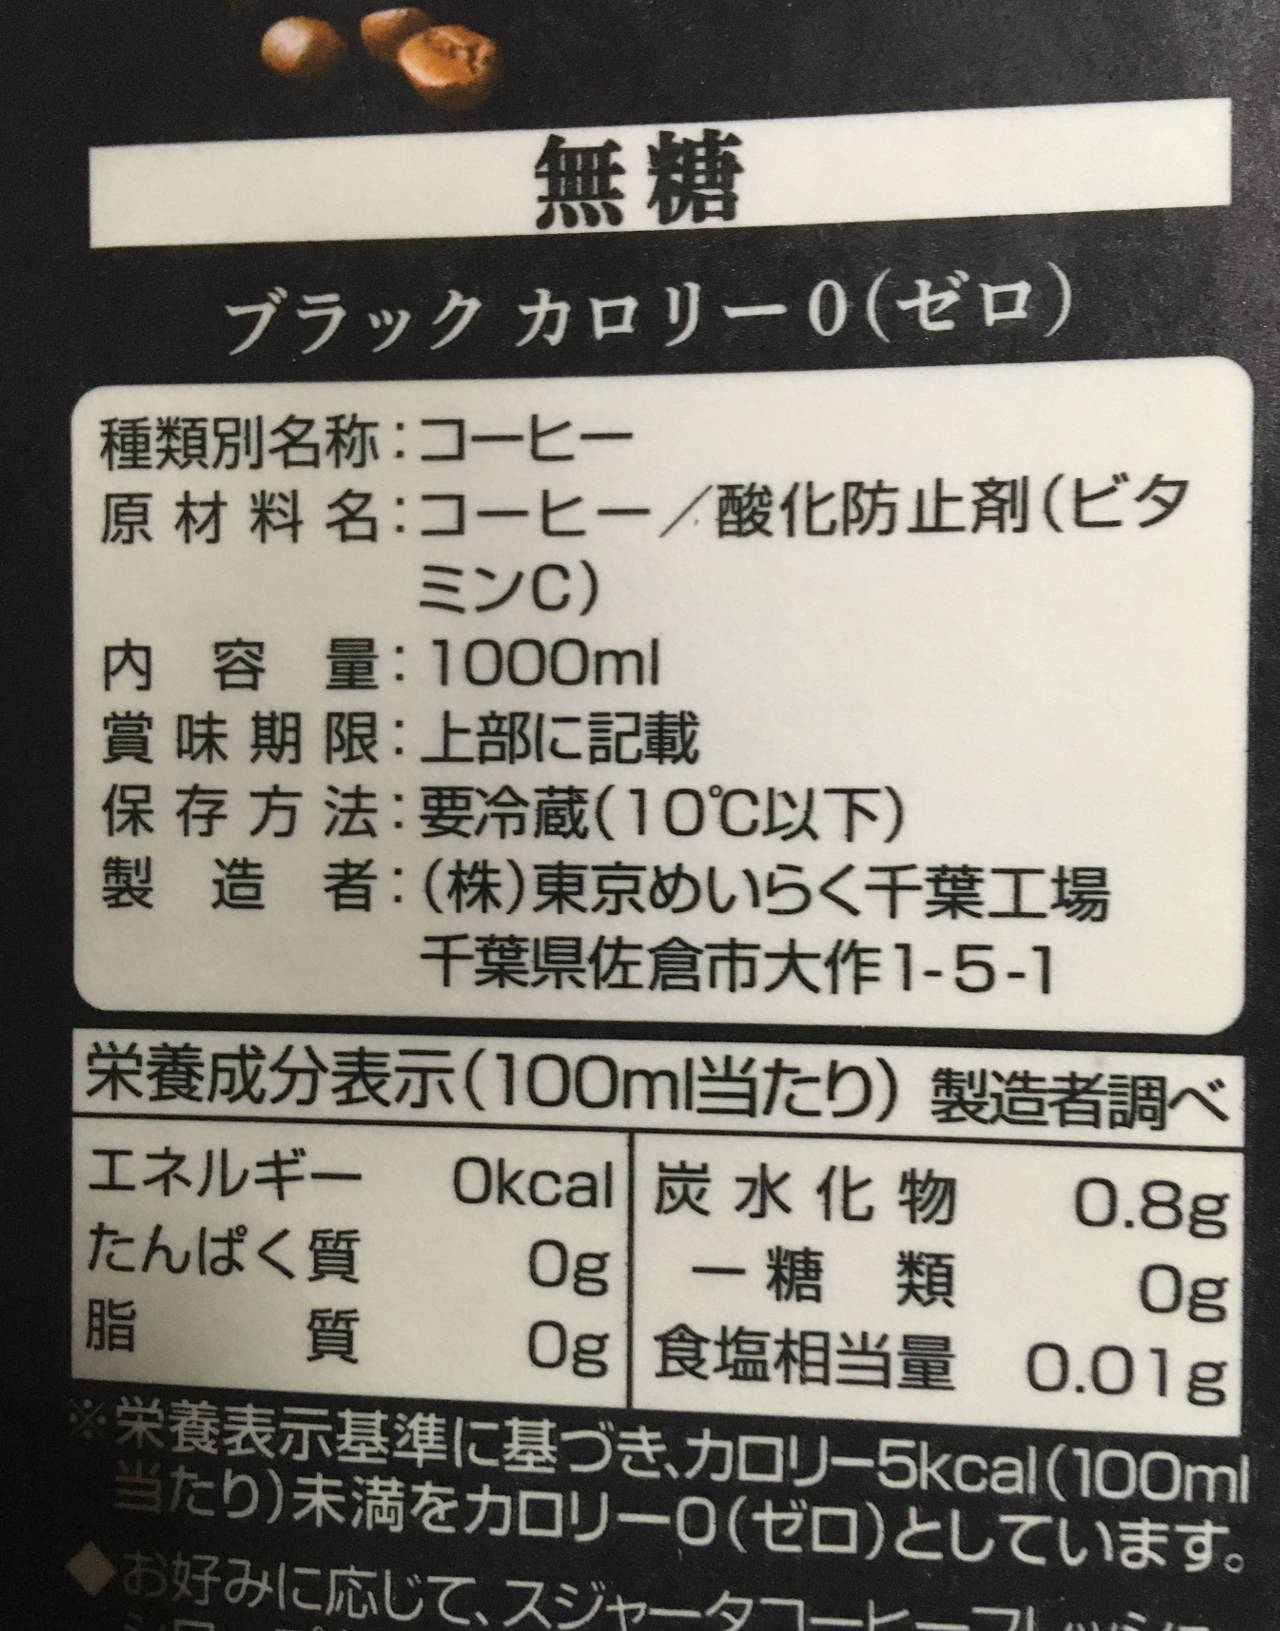 原料・栄養成分表示:スジャータ コーヒー無糖